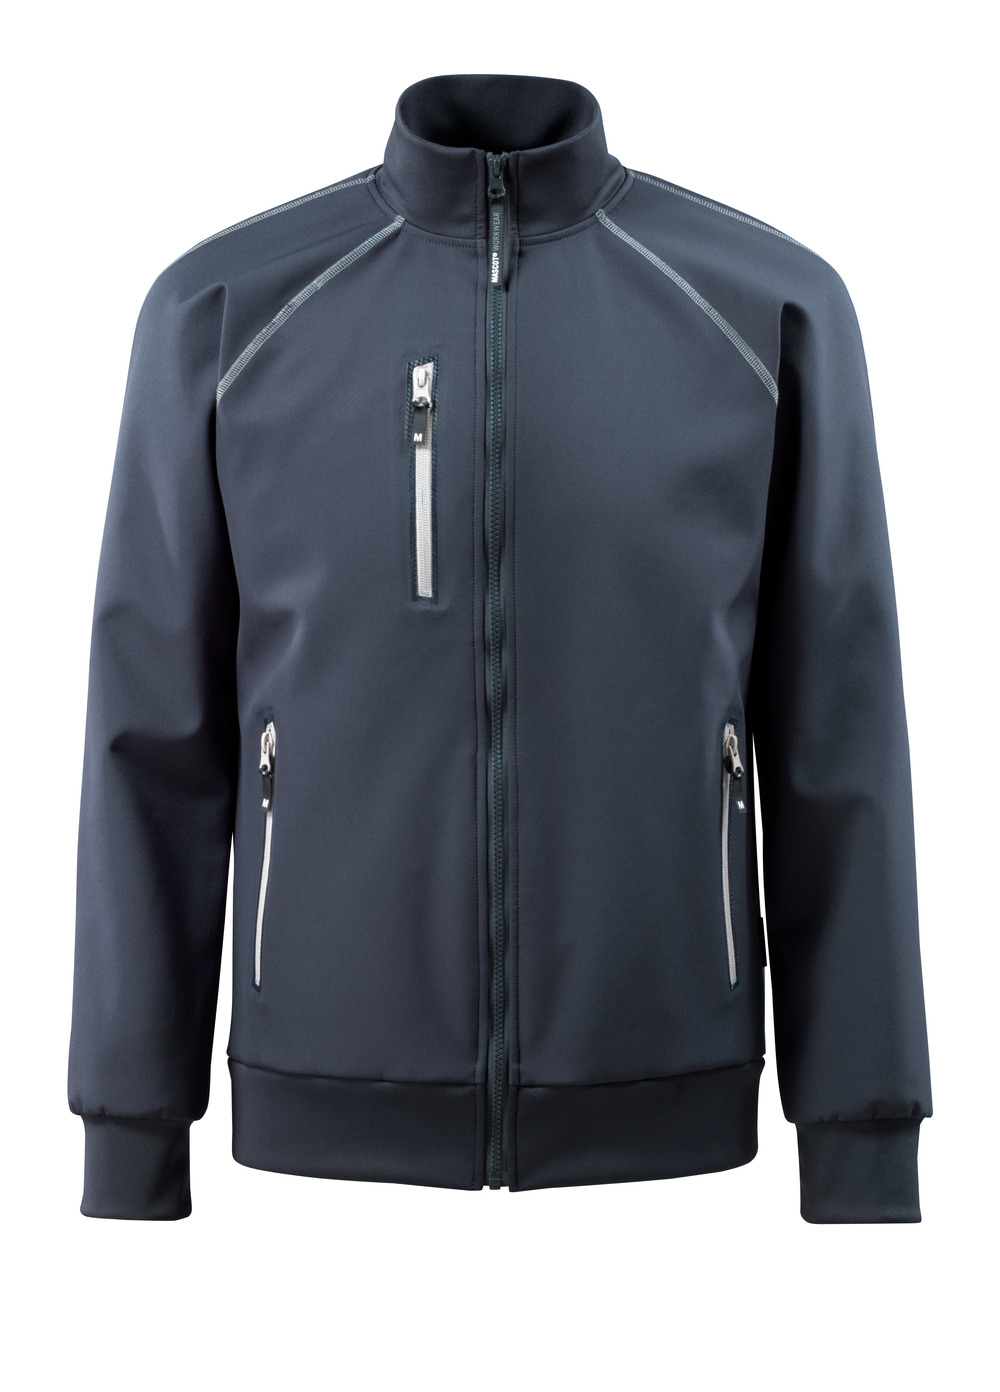 15202-220-010 Softshell Jacket - dark navy